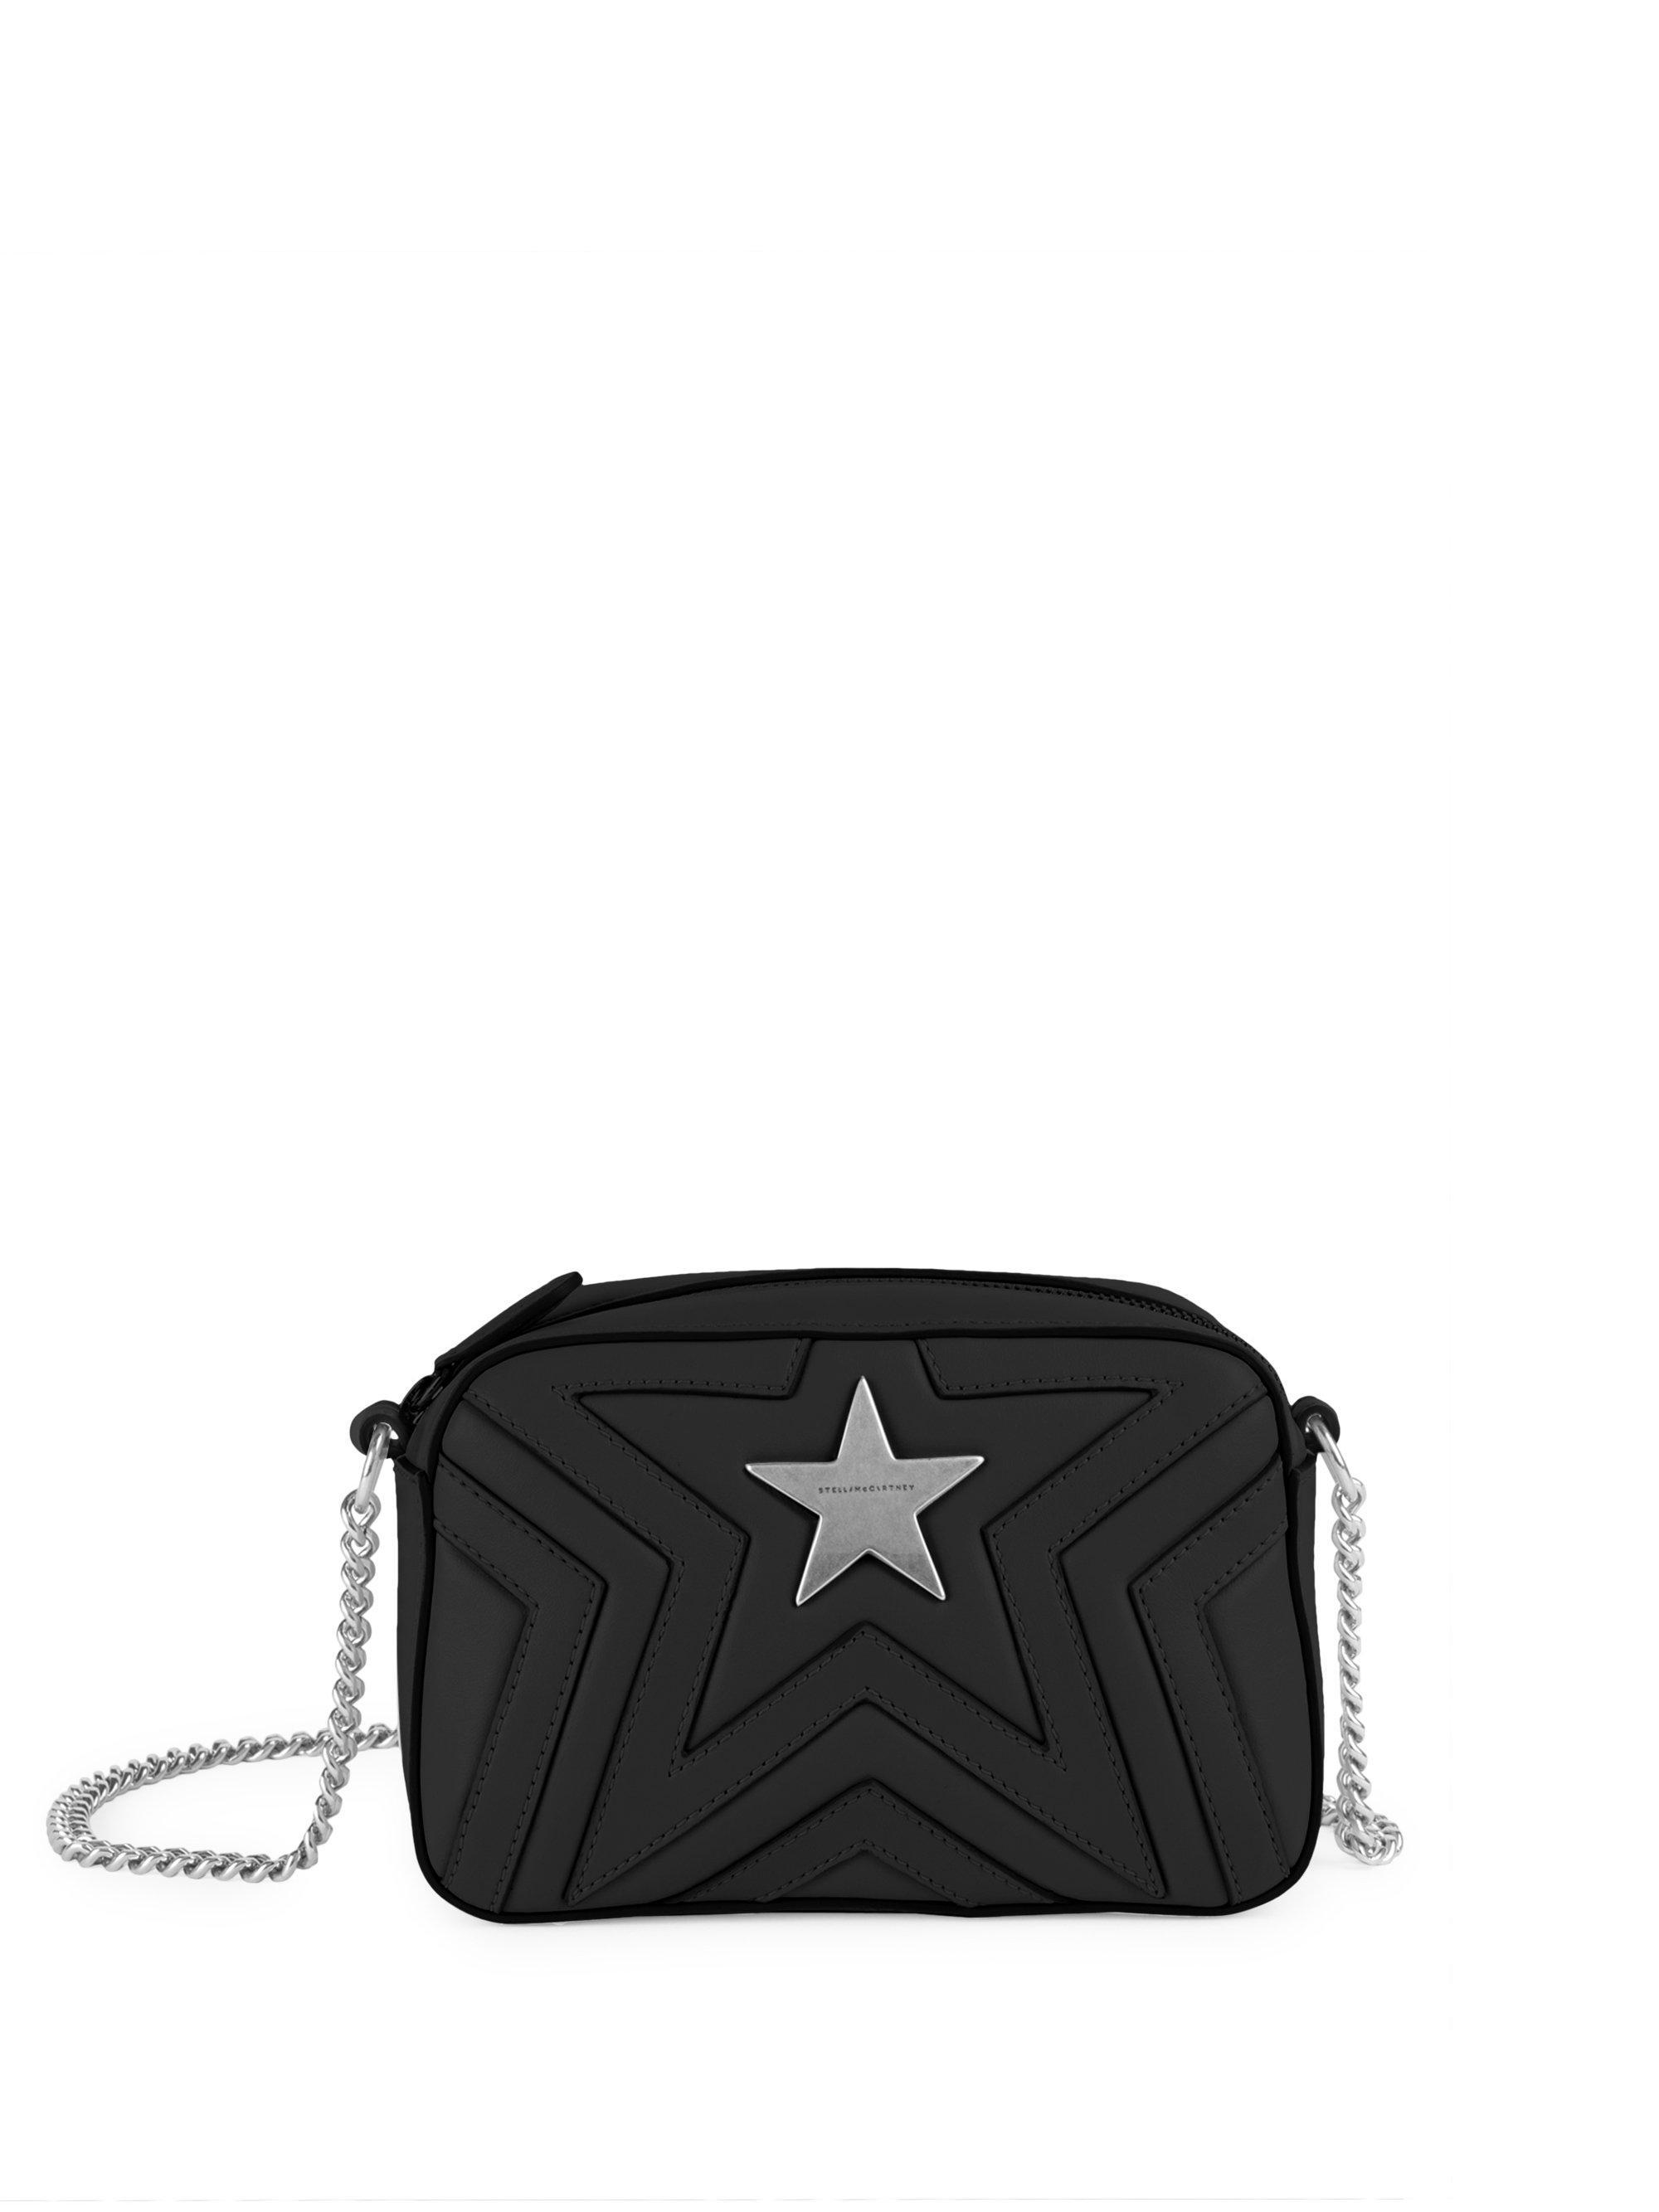 f4c892da9099 Lyst - Stella McCartney Mini Stella Star Studded Crossbody Bag in Black